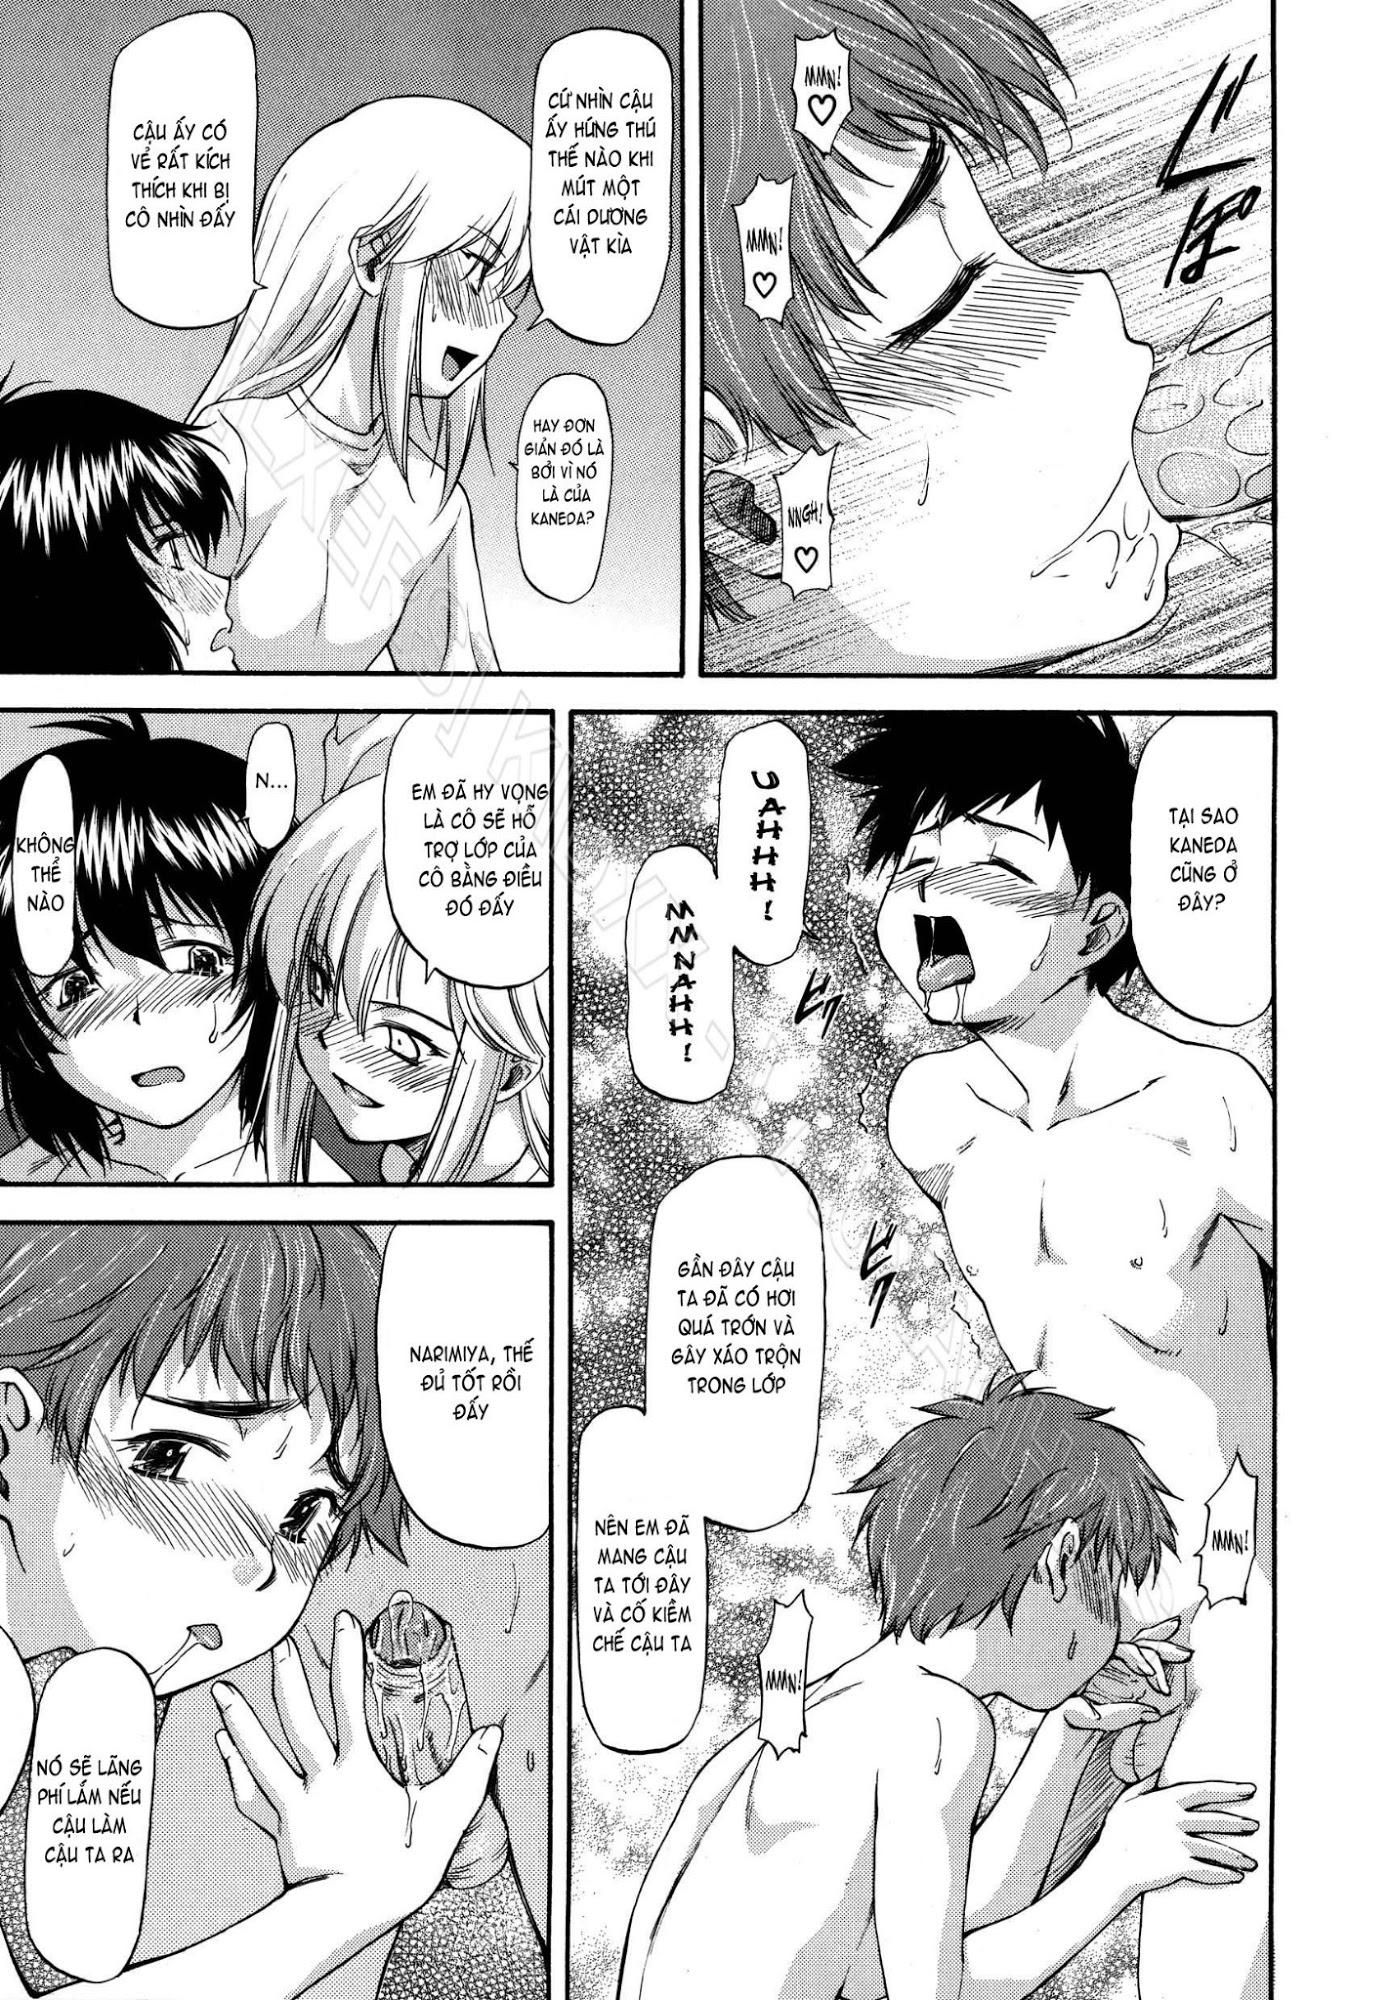 Hình ảnh Hinh_009 in Truyện tranh hentai không che: Parabellum